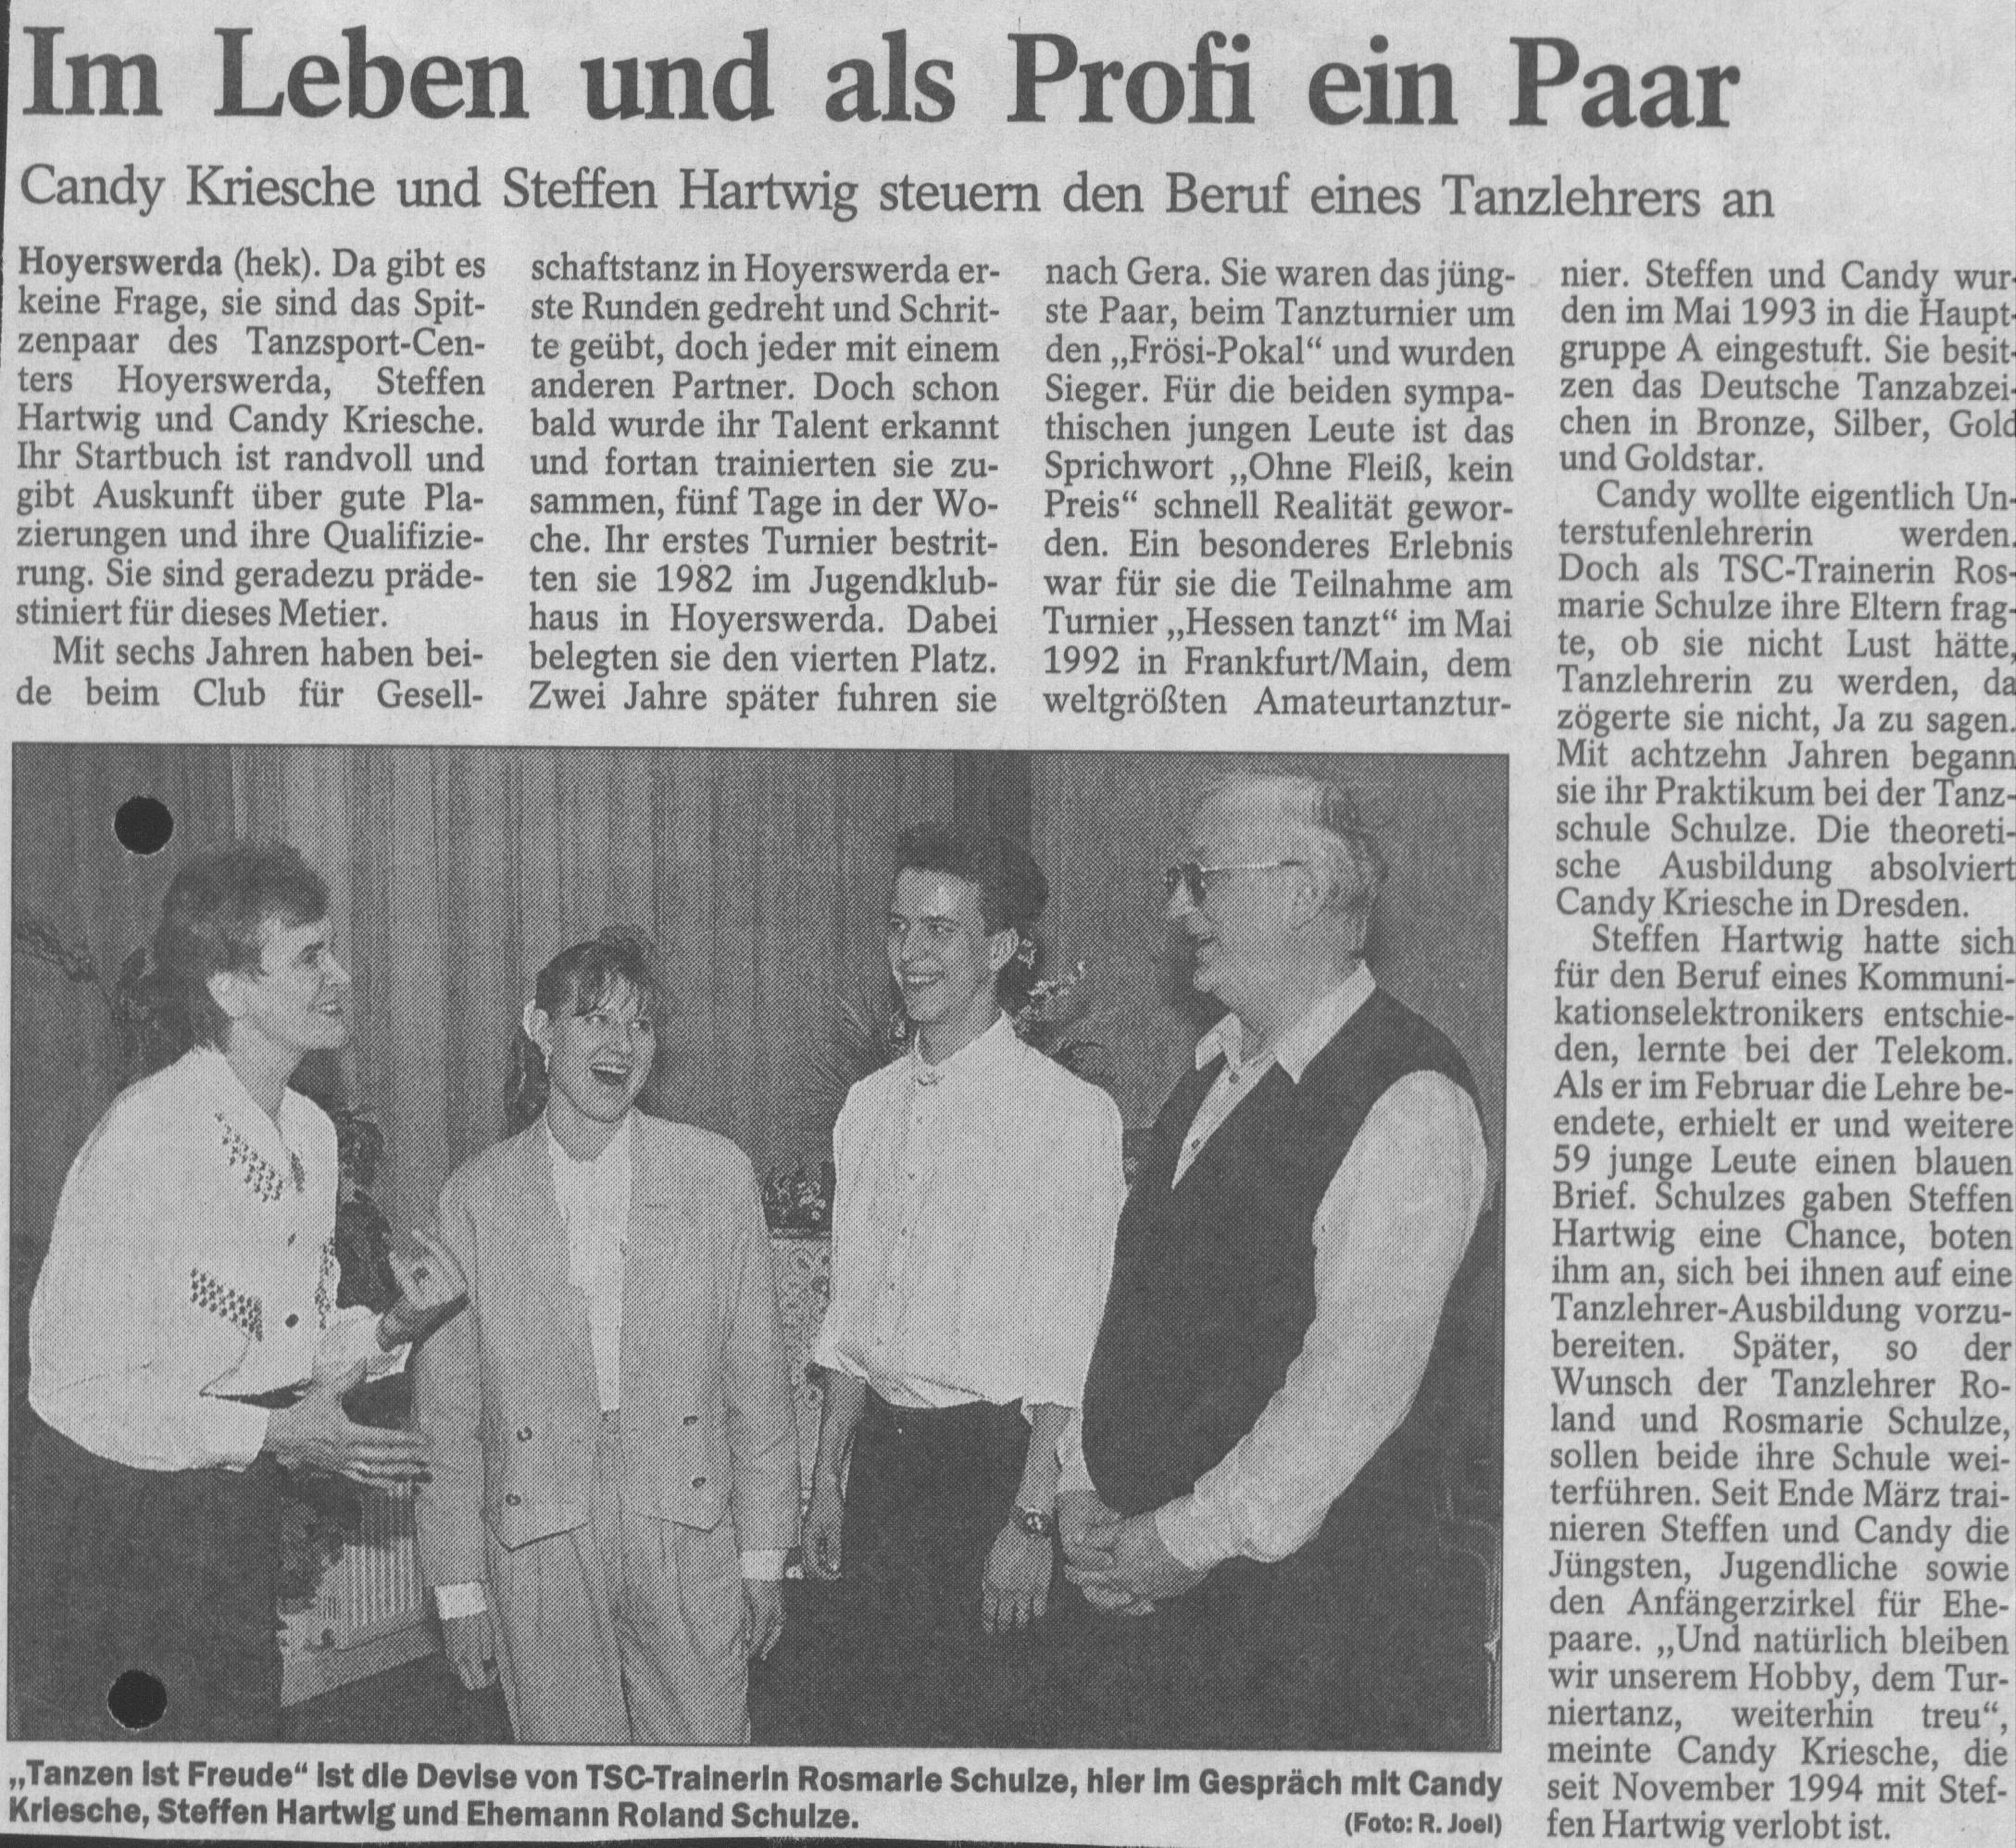 Tanzschule Tanzfabrik Bodensee - Im Leben und als Profi ein Paar - Steffen und Candy Hartwig